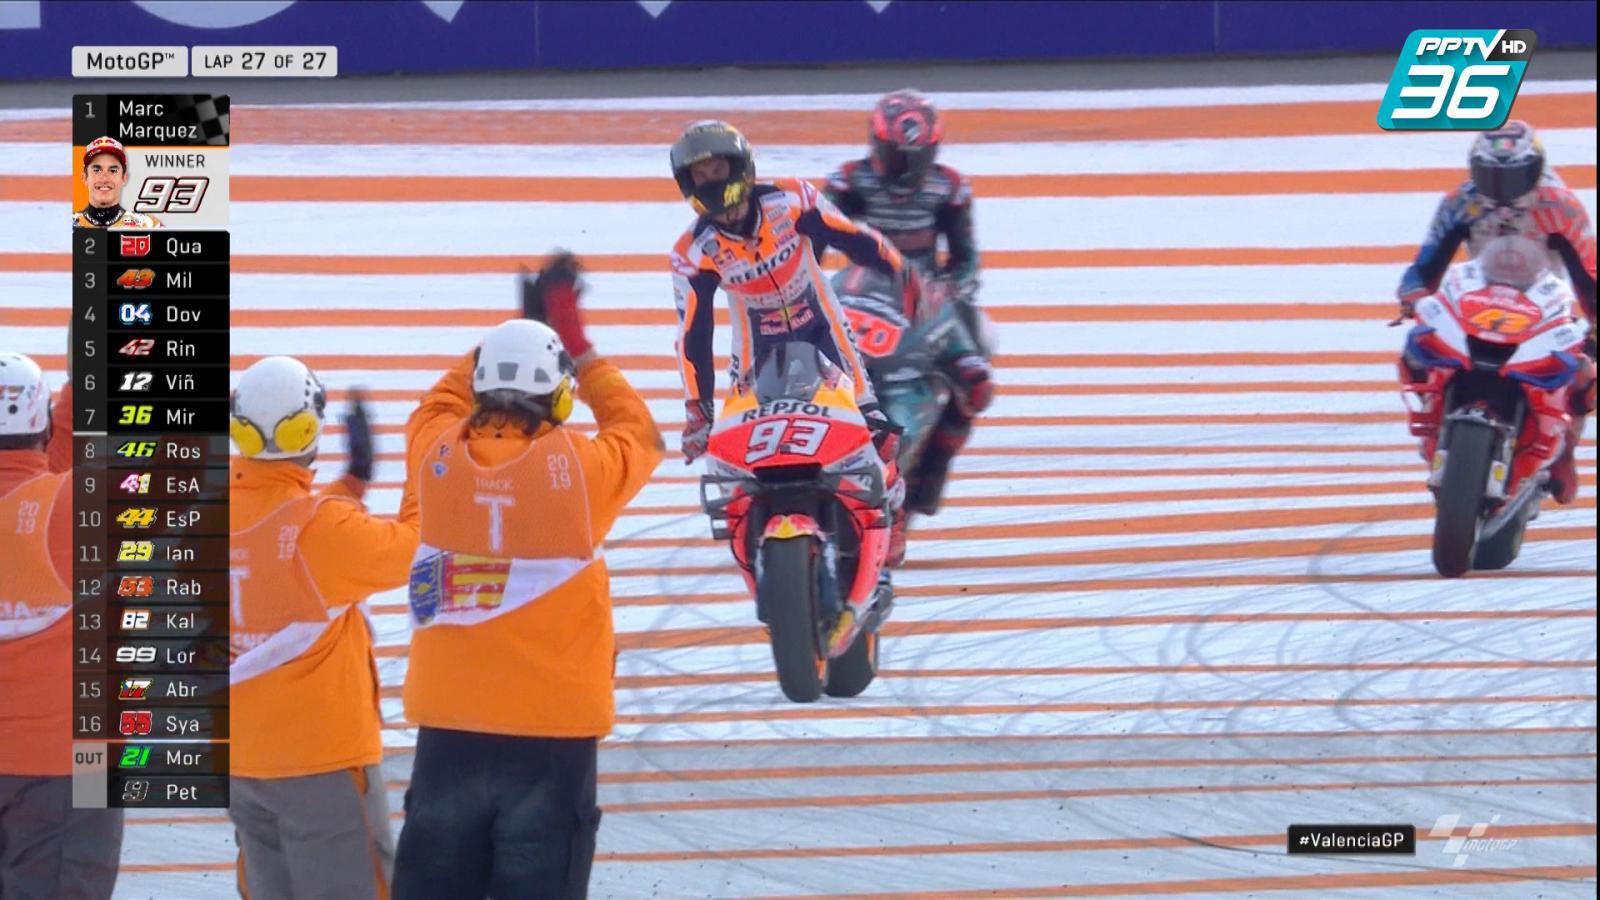 """จบ """"MotoGP 2019"""" สนามที่ 19 อันดับ 1 Marc Marquez อันดับ 2 Fabio Quartararo และ อันดับ 3 Jack Miller"""